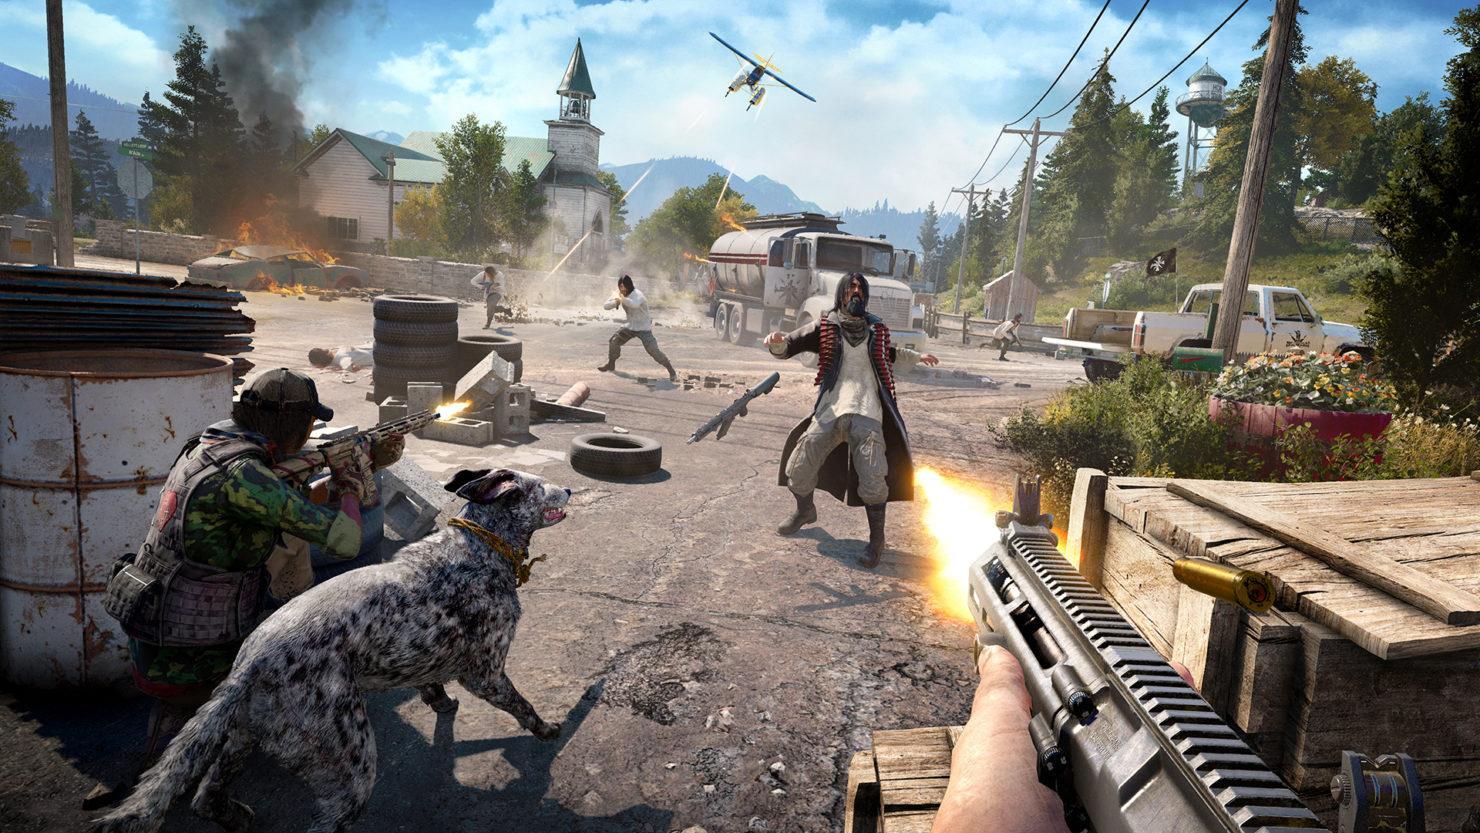 Ключевые изменения в Far Cry 5 по сравнению с предыдущими играми серии